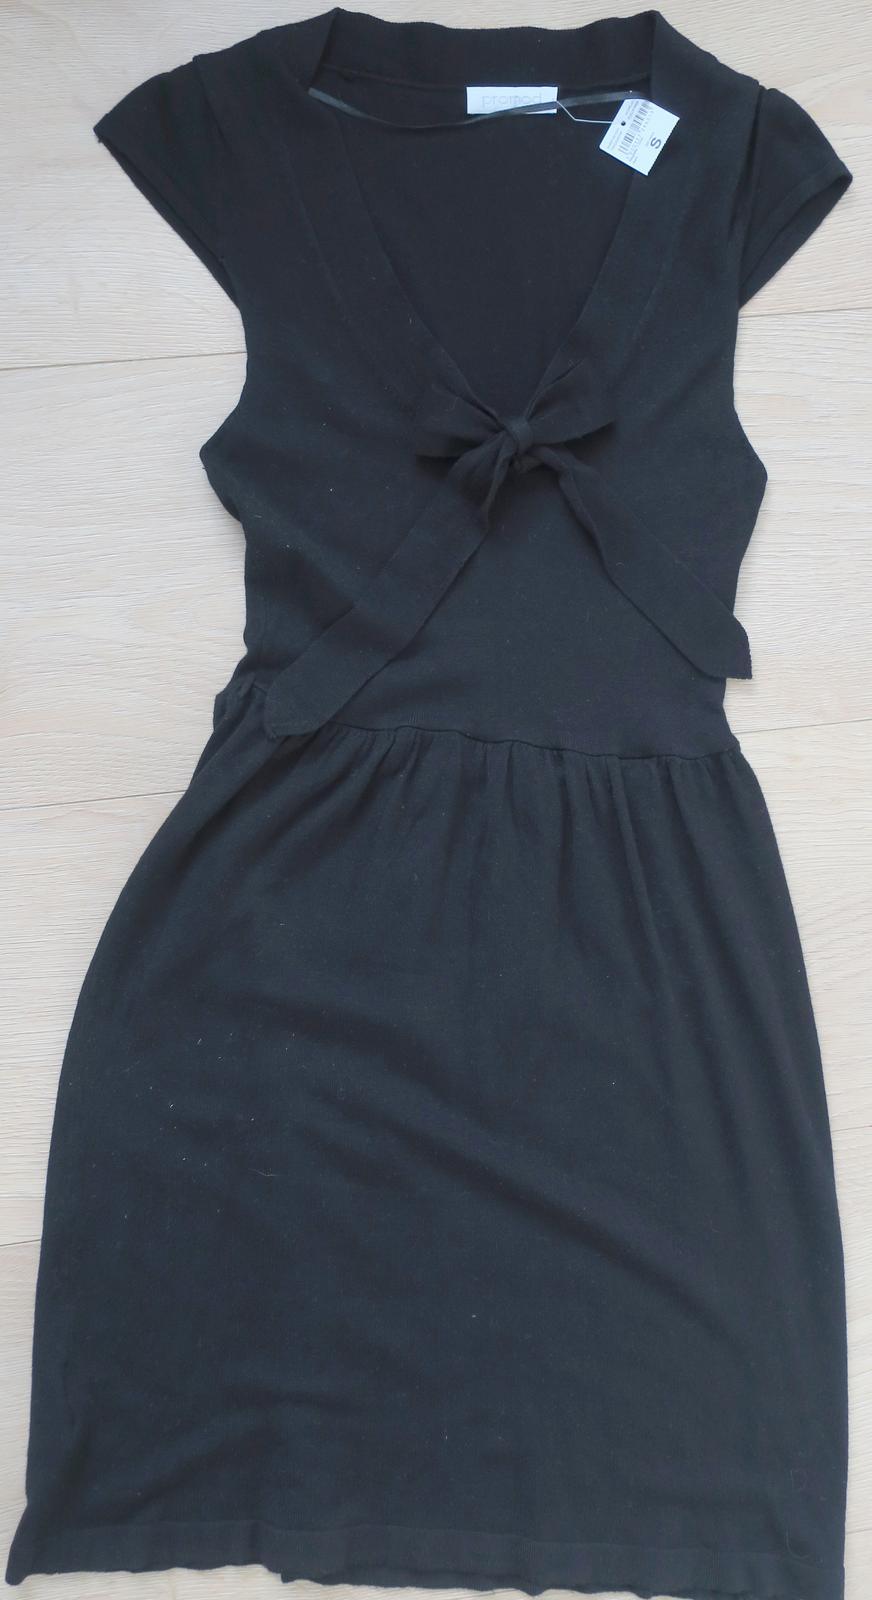 Šaty Promod s visačkou - Obrázok č. 1